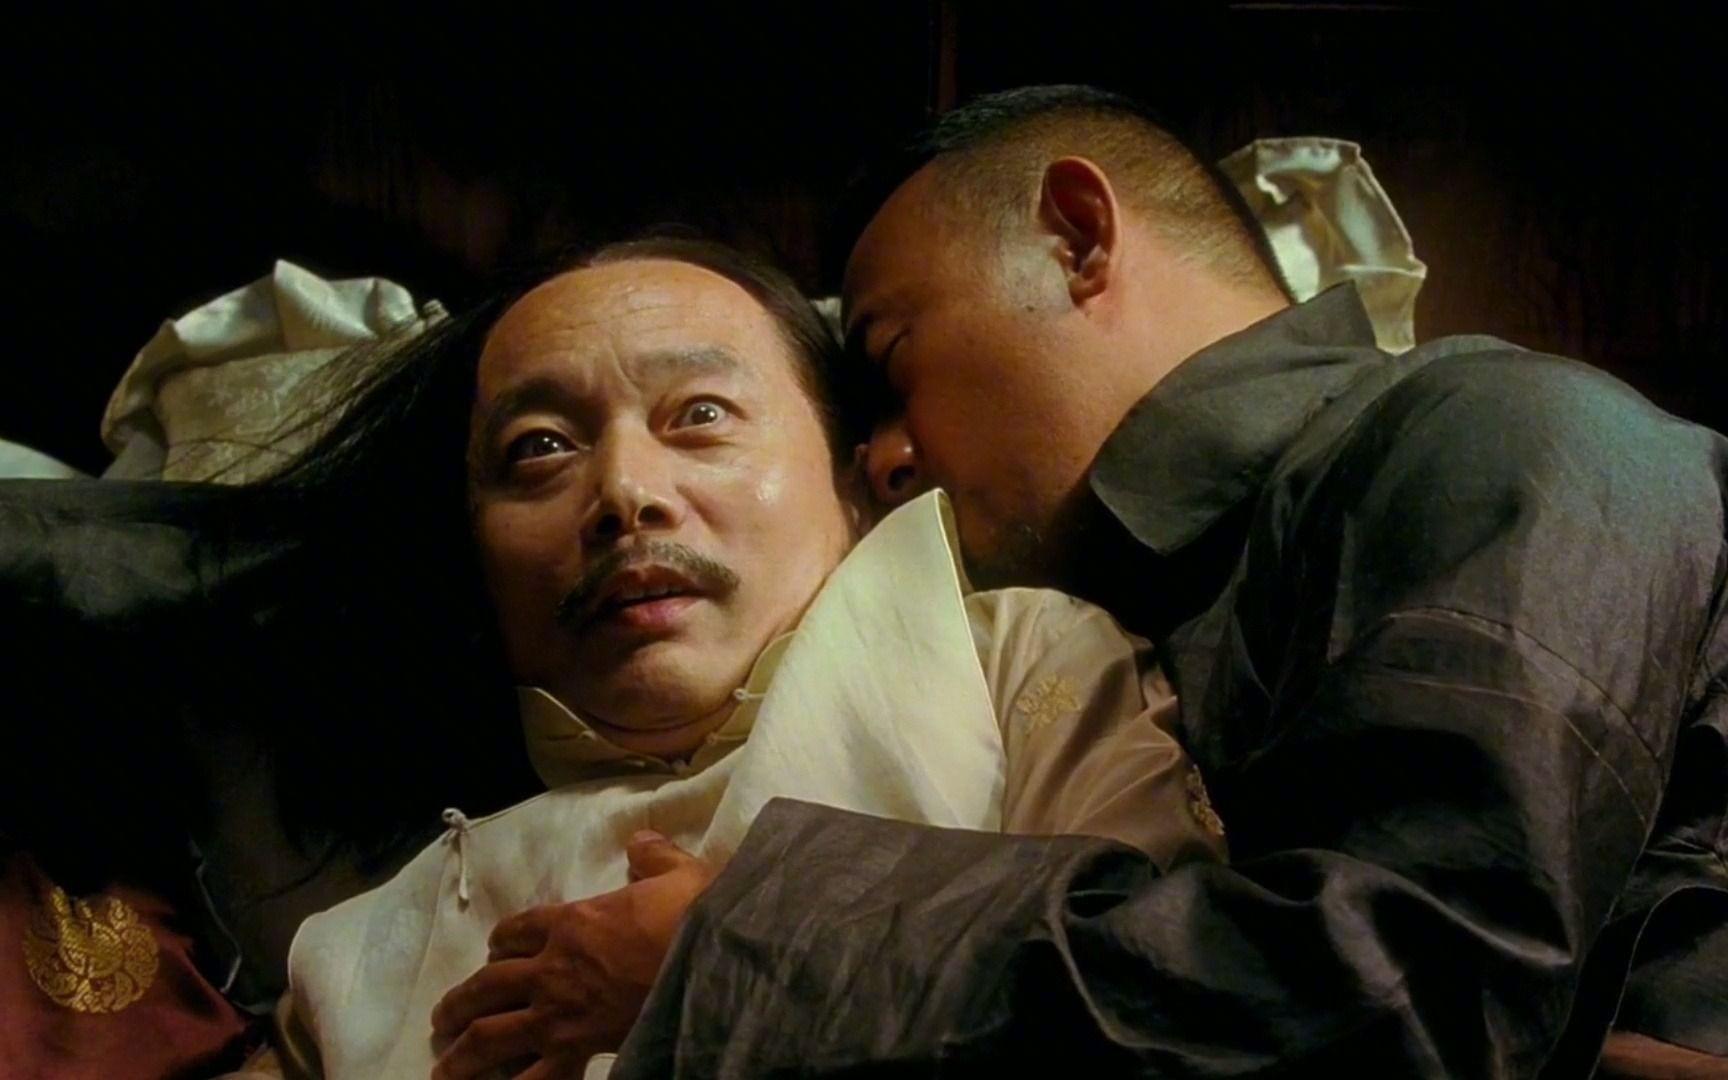 终极无敌姜文宇宙之最大谜团——真假夫人,又是替身《让子弹飞》4